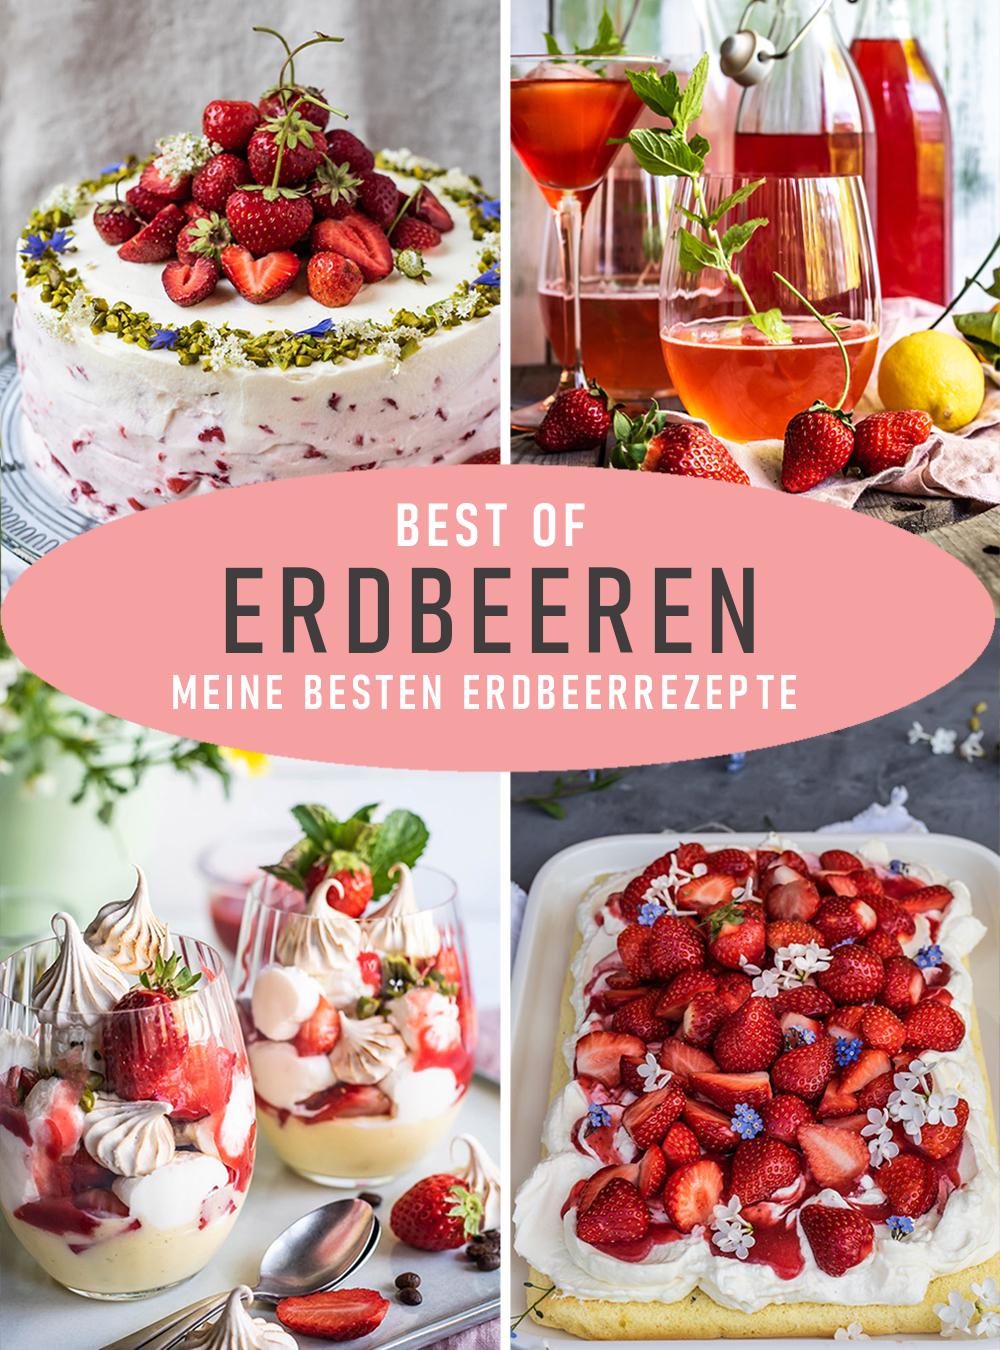 Best of Erdbeeren